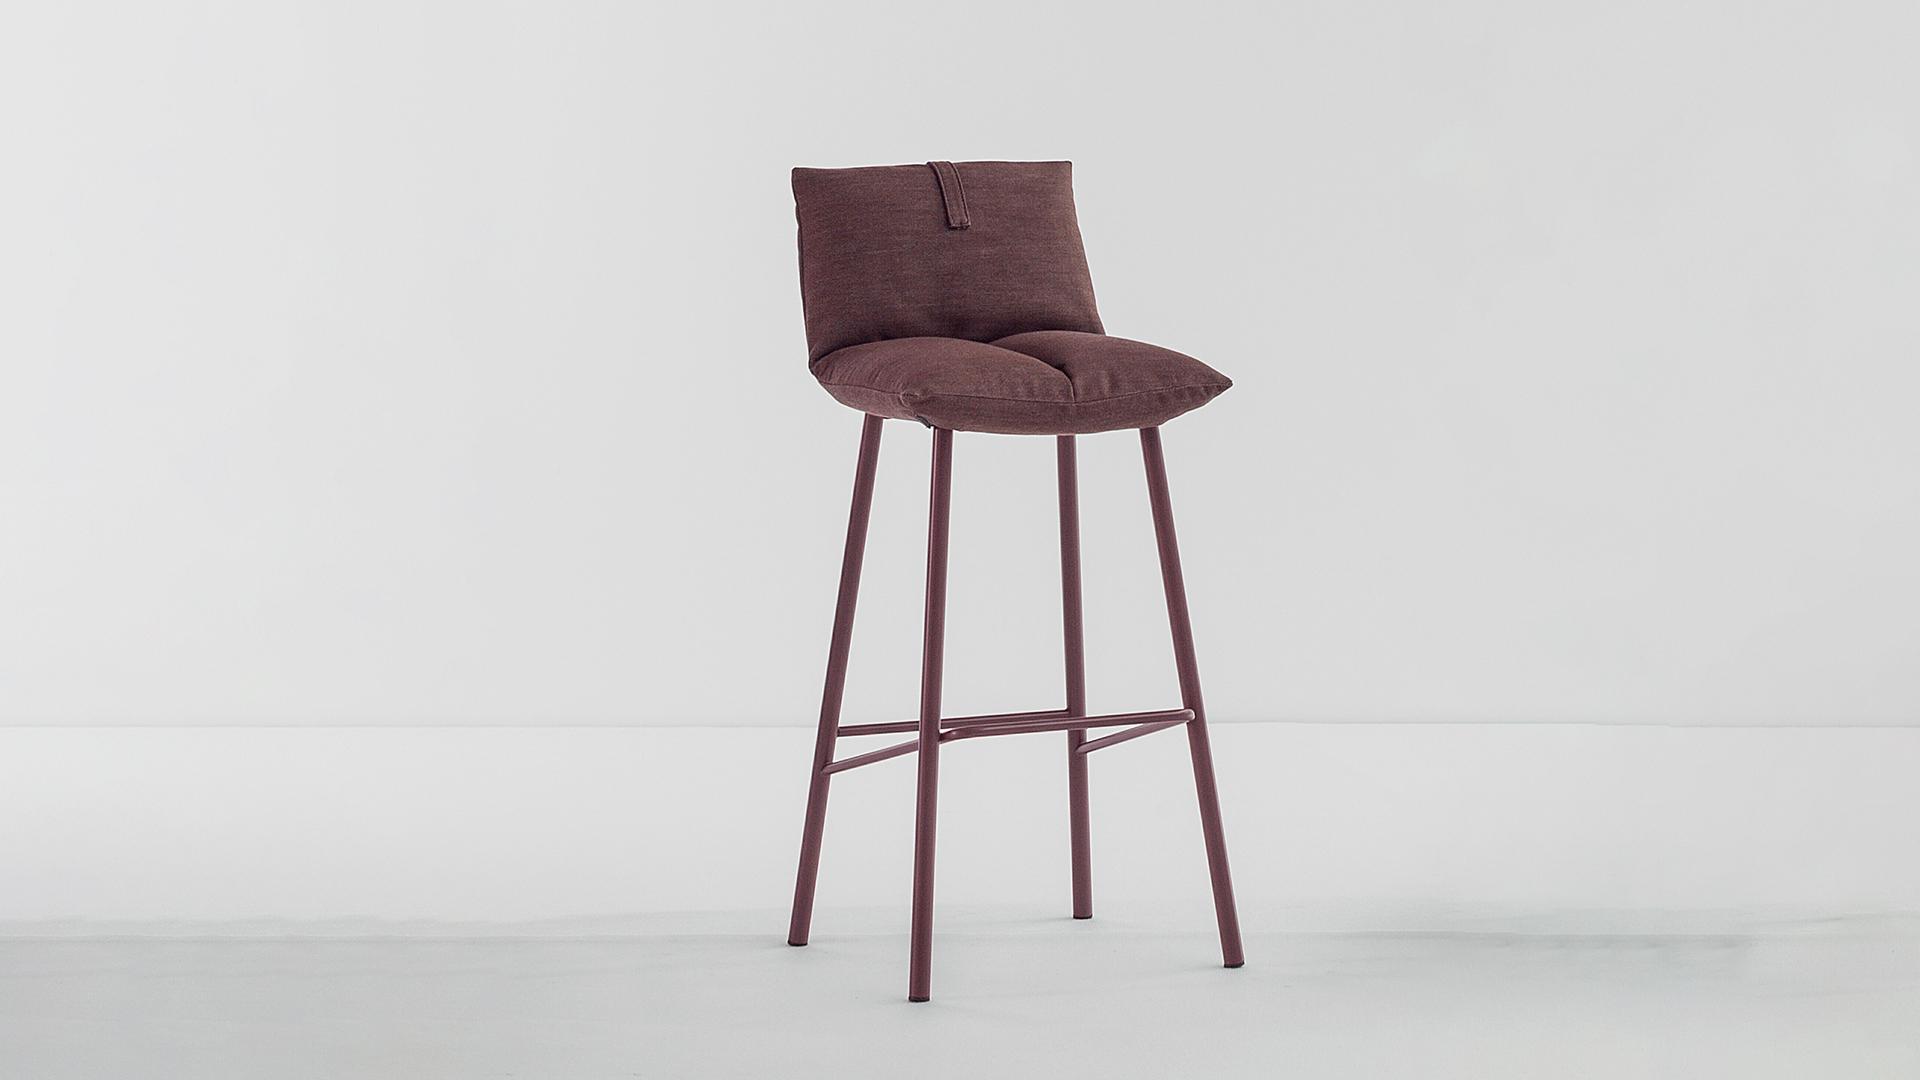 Bonaldo (RU) Барный стул Pil Too от итальянского бренда Bonaldo